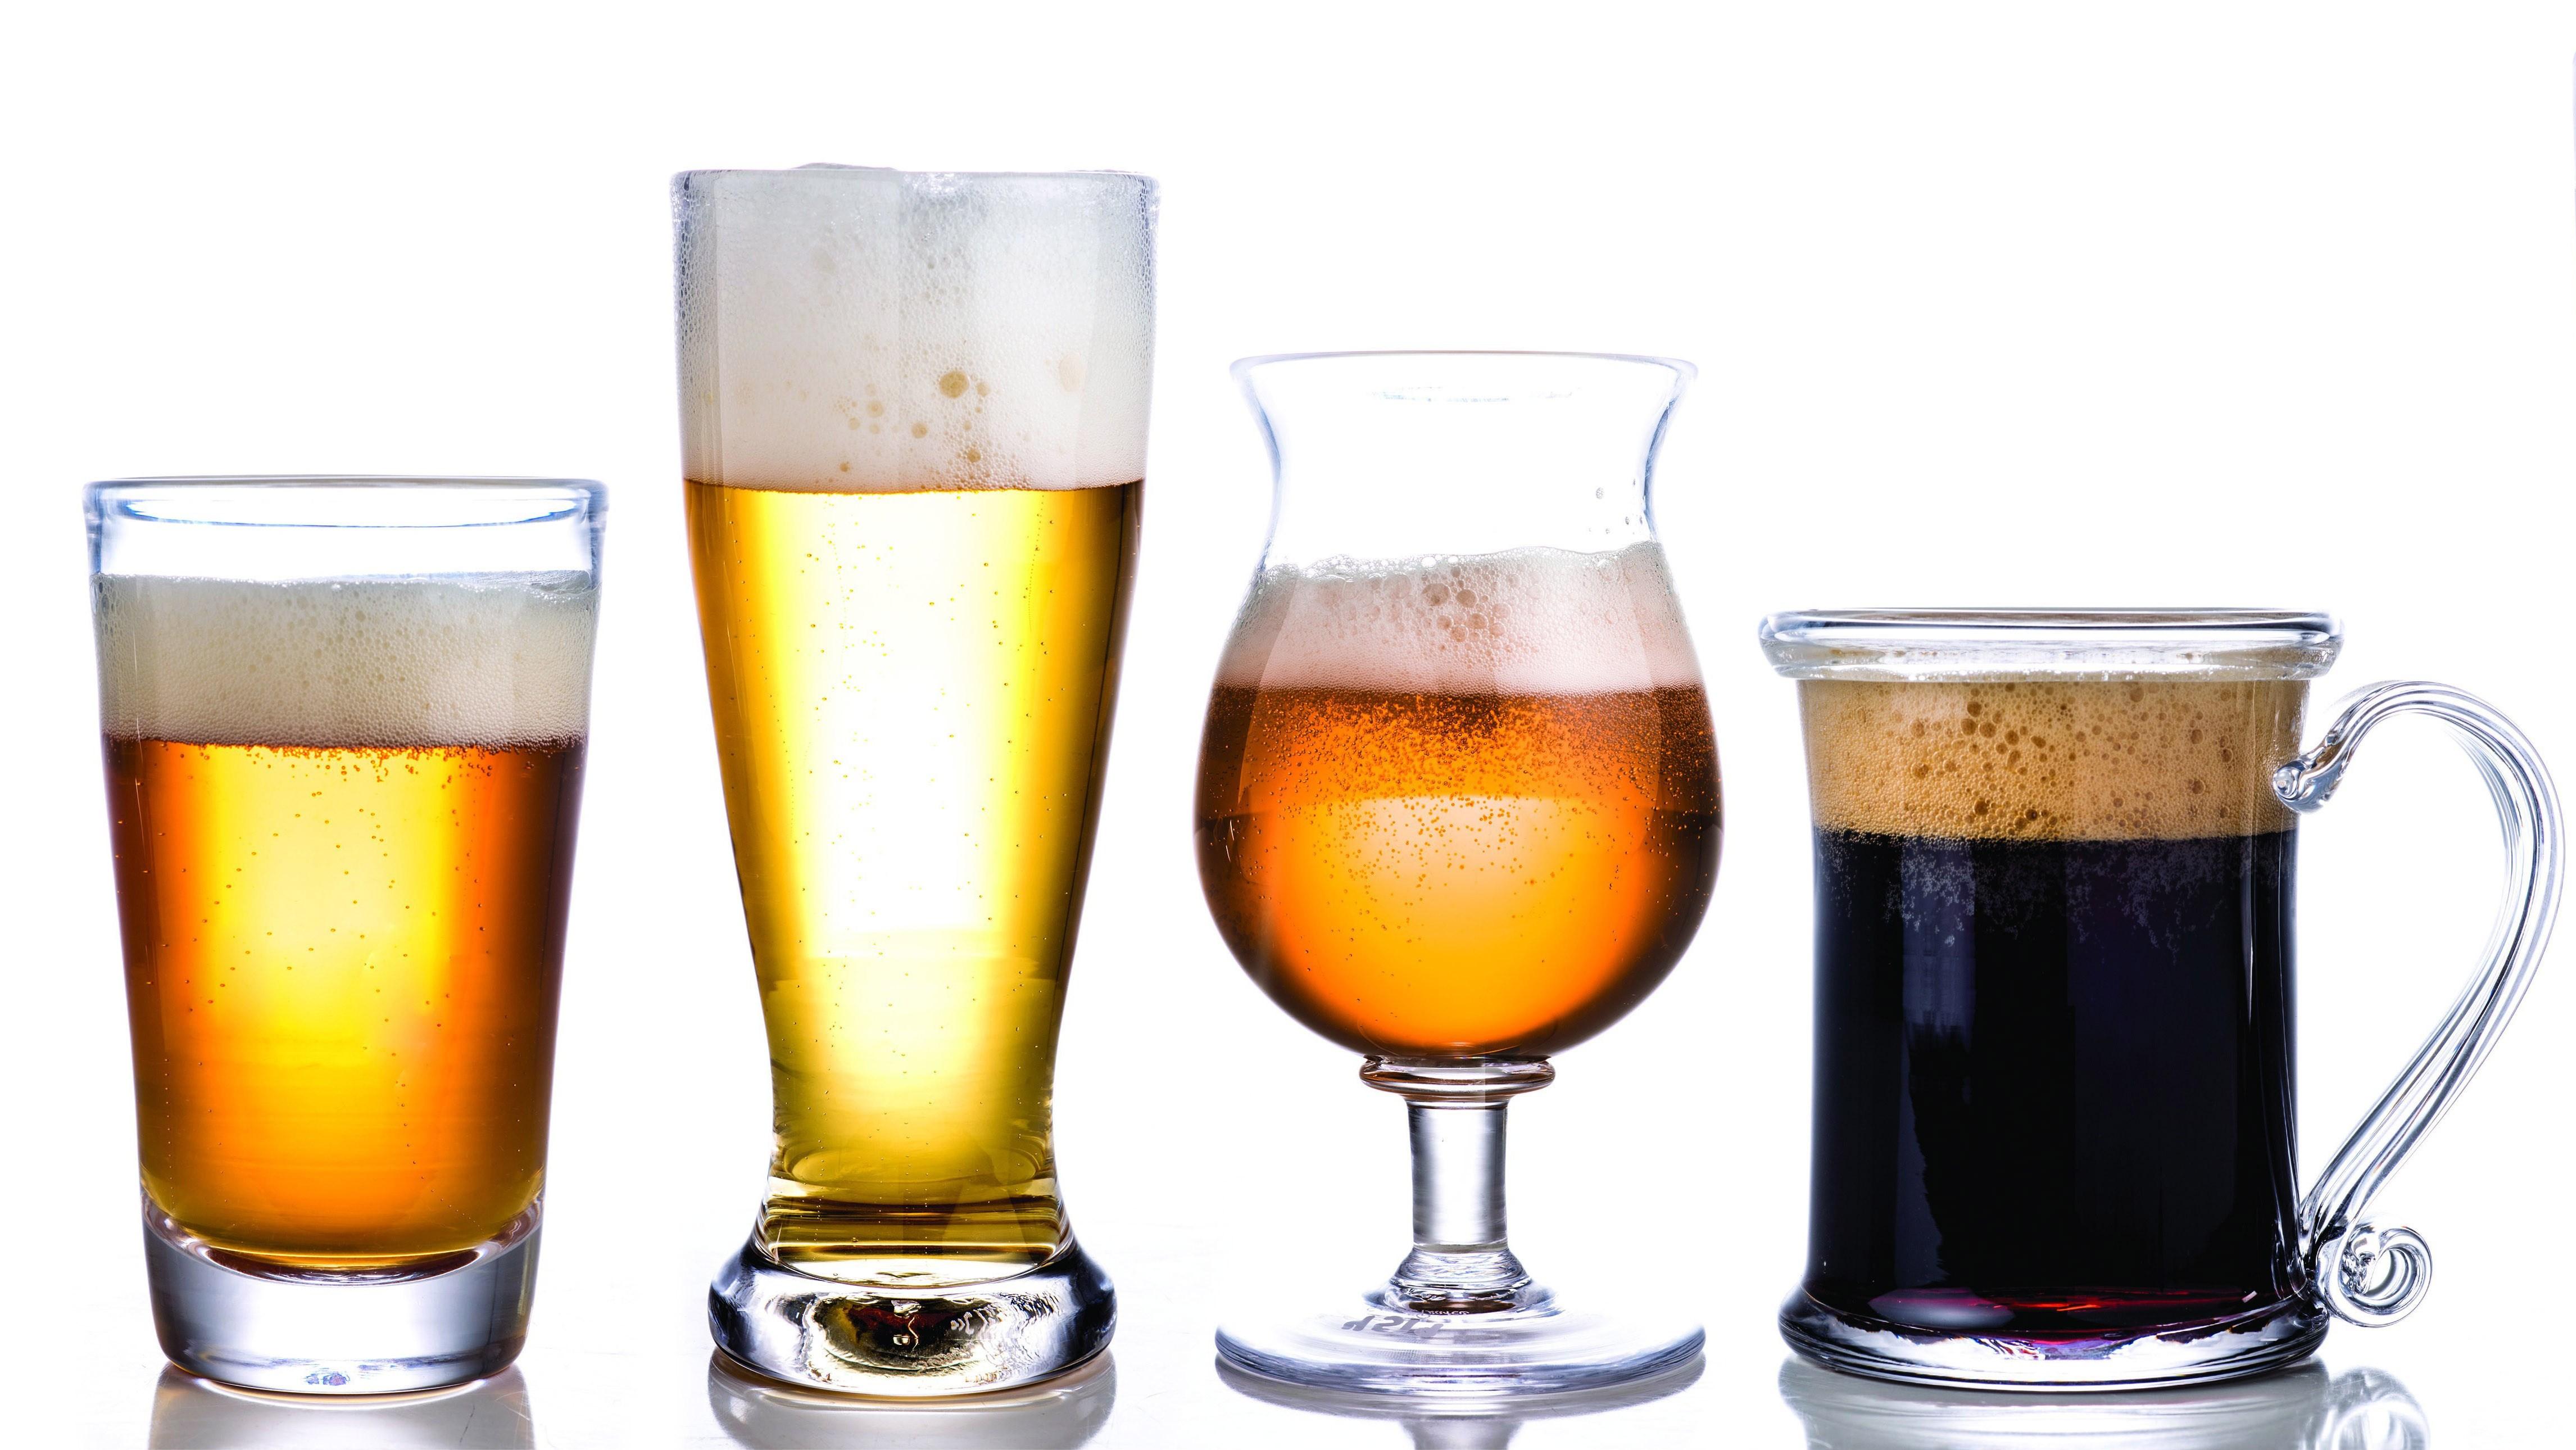 BeerTastingHeaderImage